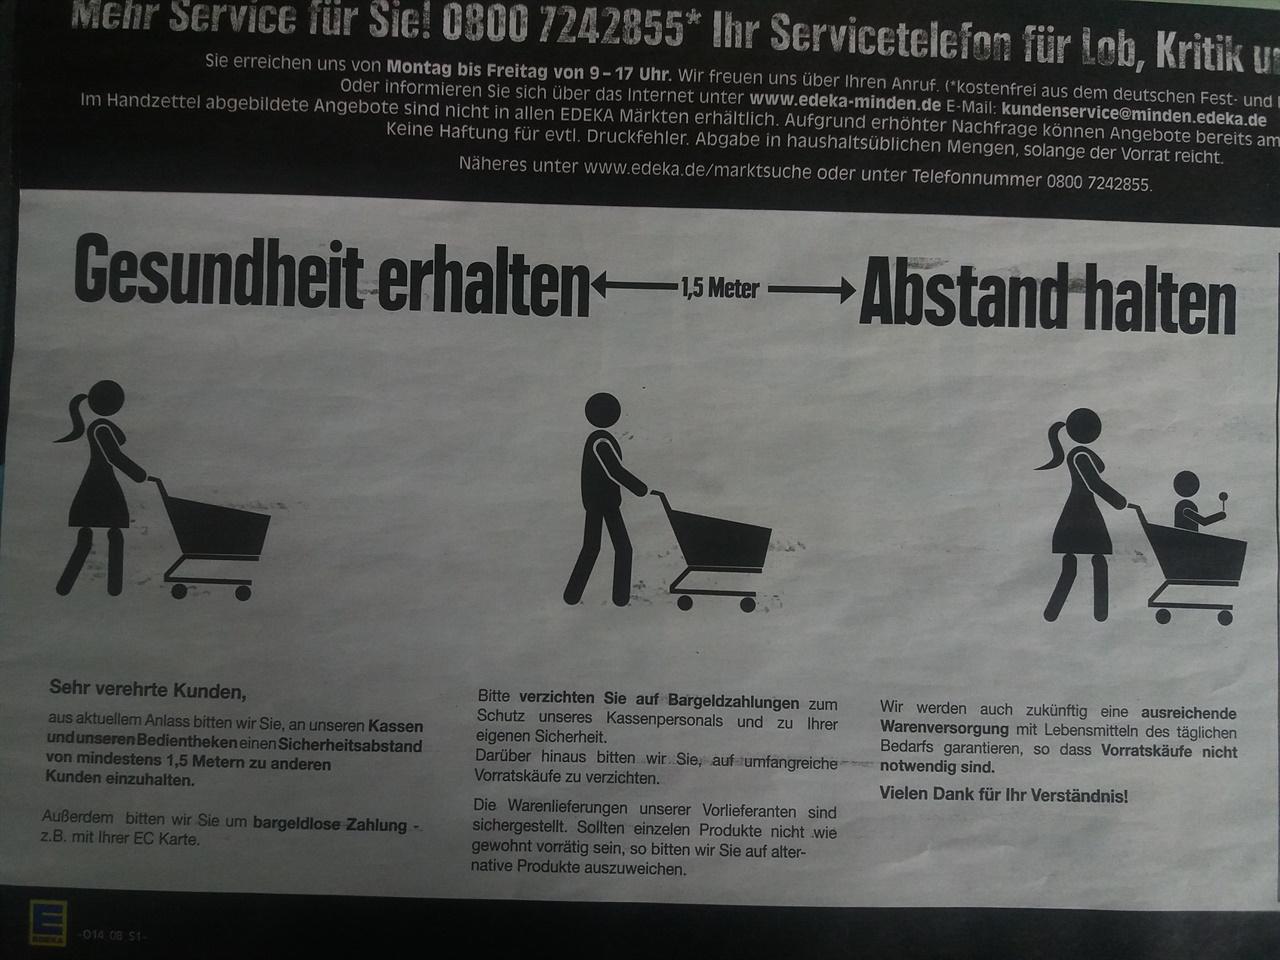 독일 마트 전단지에서 볼수 있는 사회적 거리 1.5m 유지 캠페인